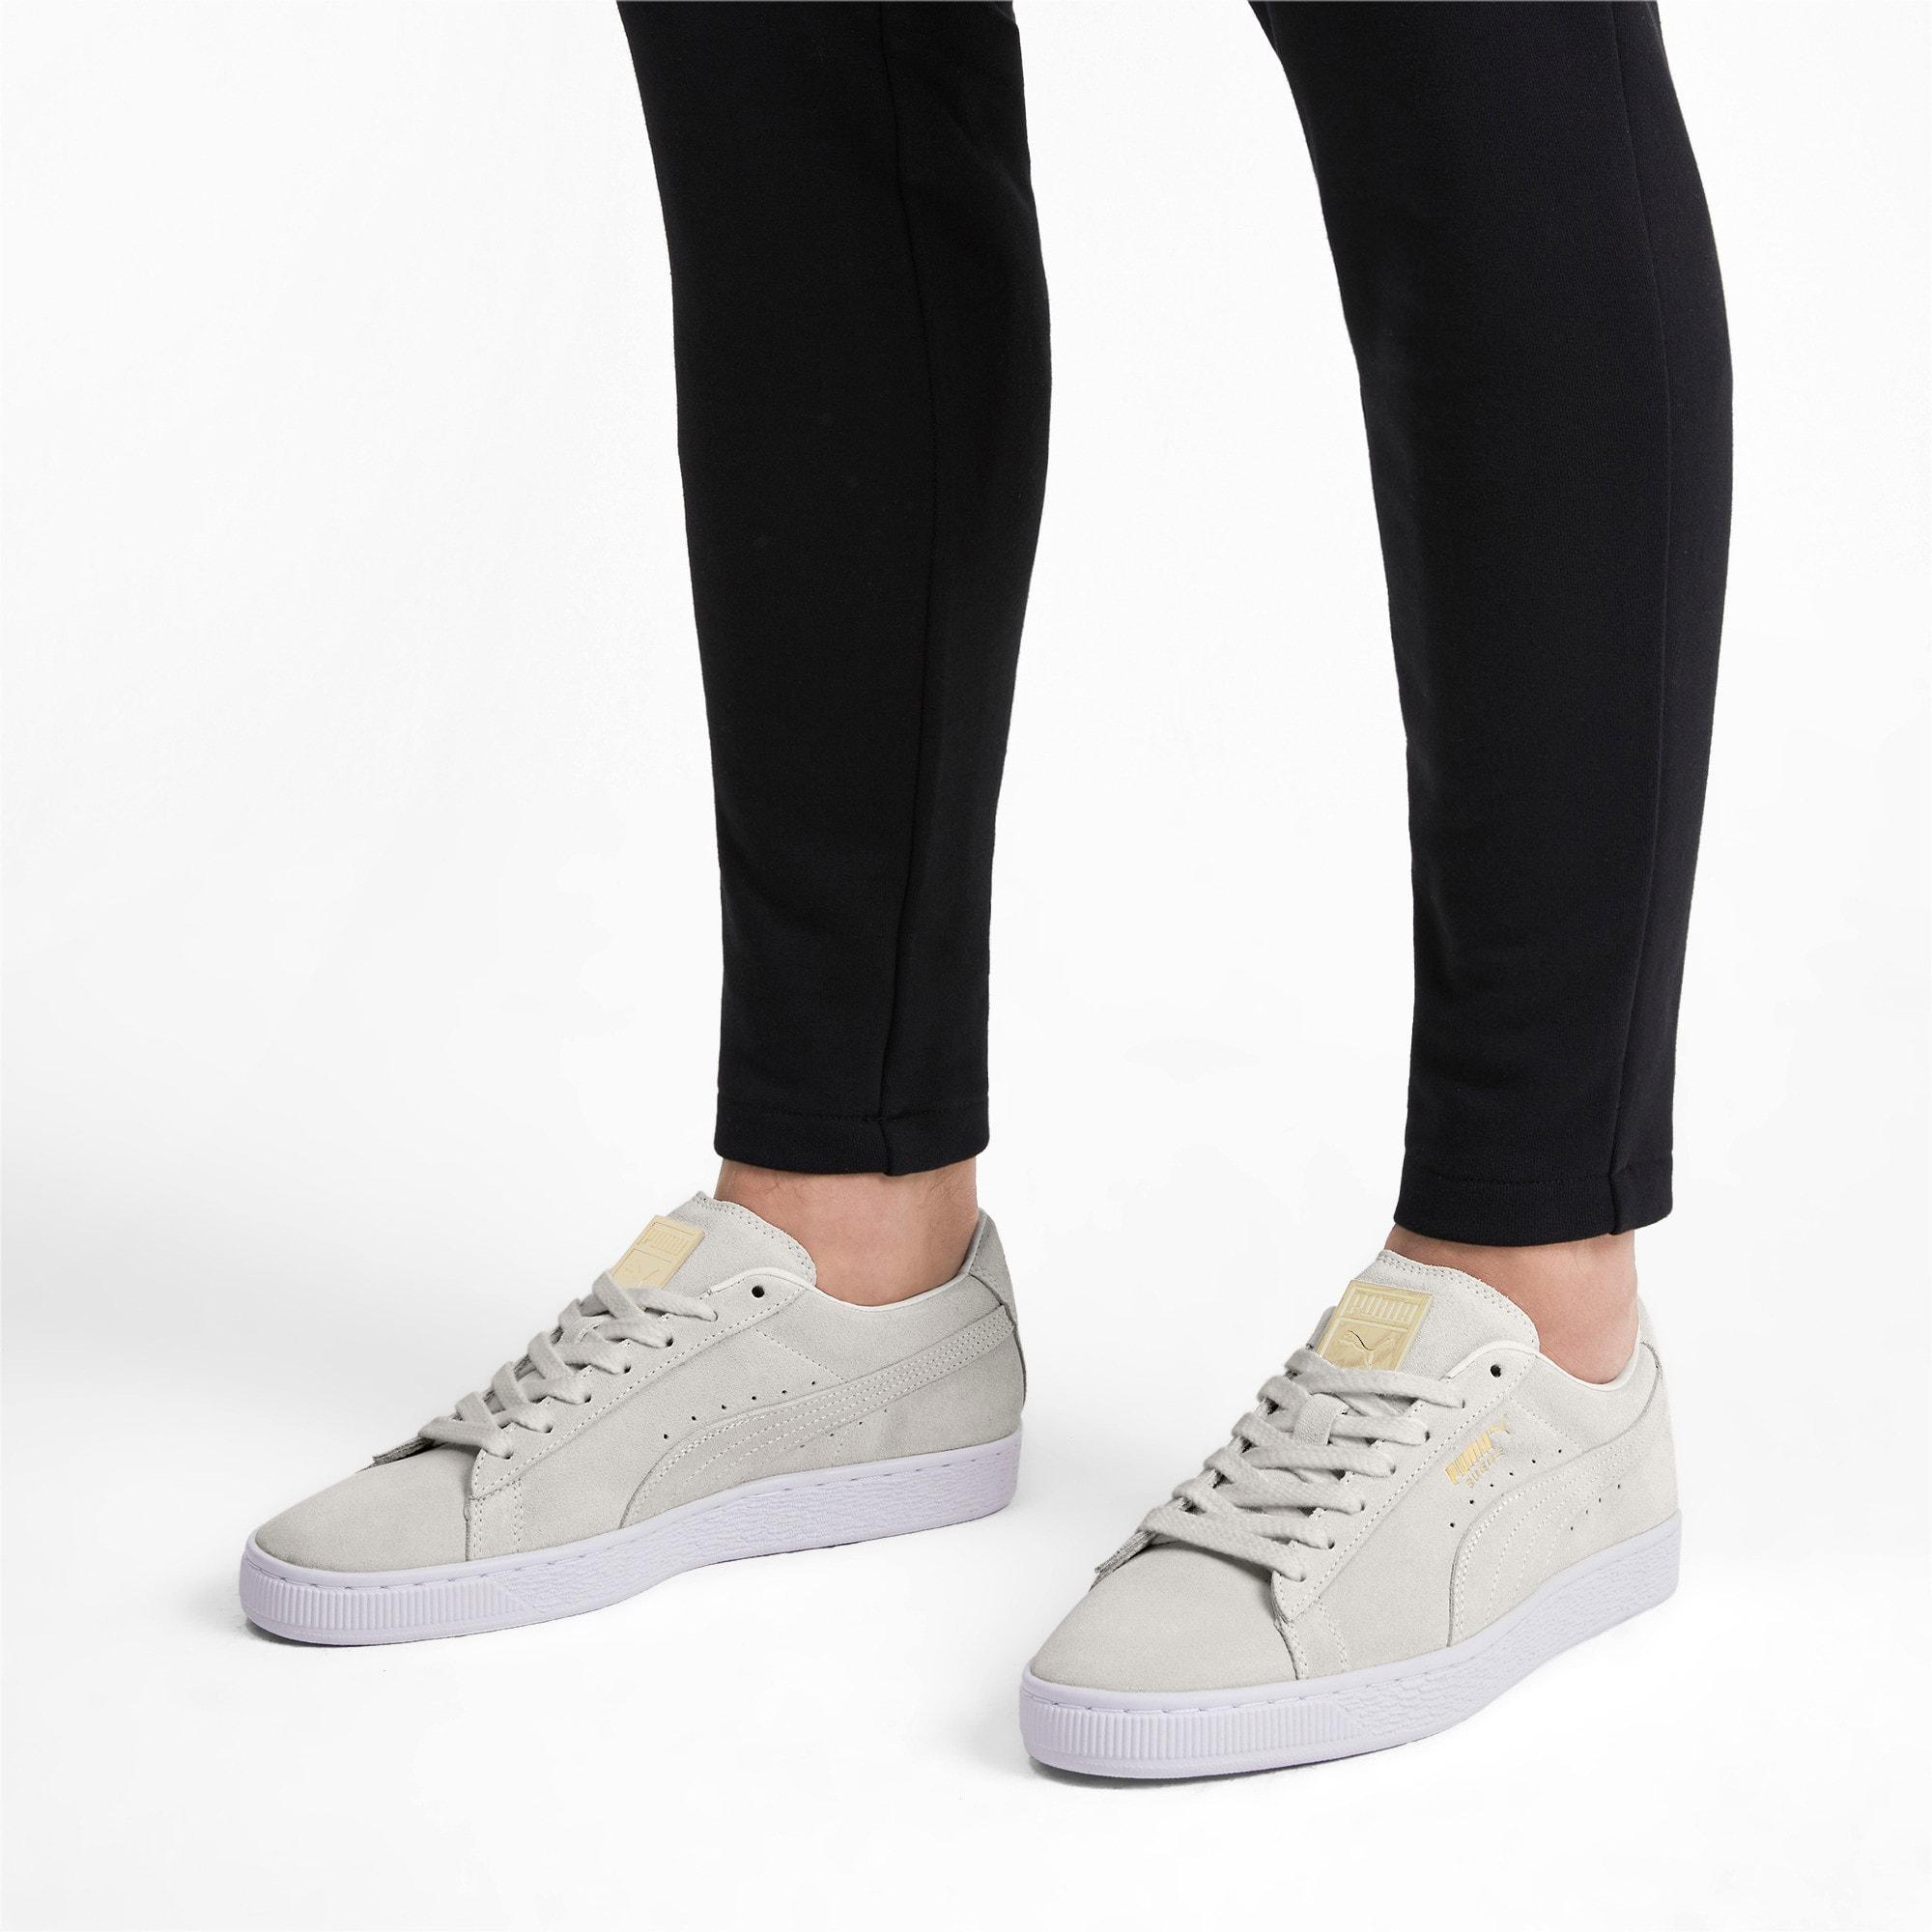 Miniatura 2 de Zapatos deportivos Suede Classic Metal Badge, Puma White-White-Team Gold, mediano